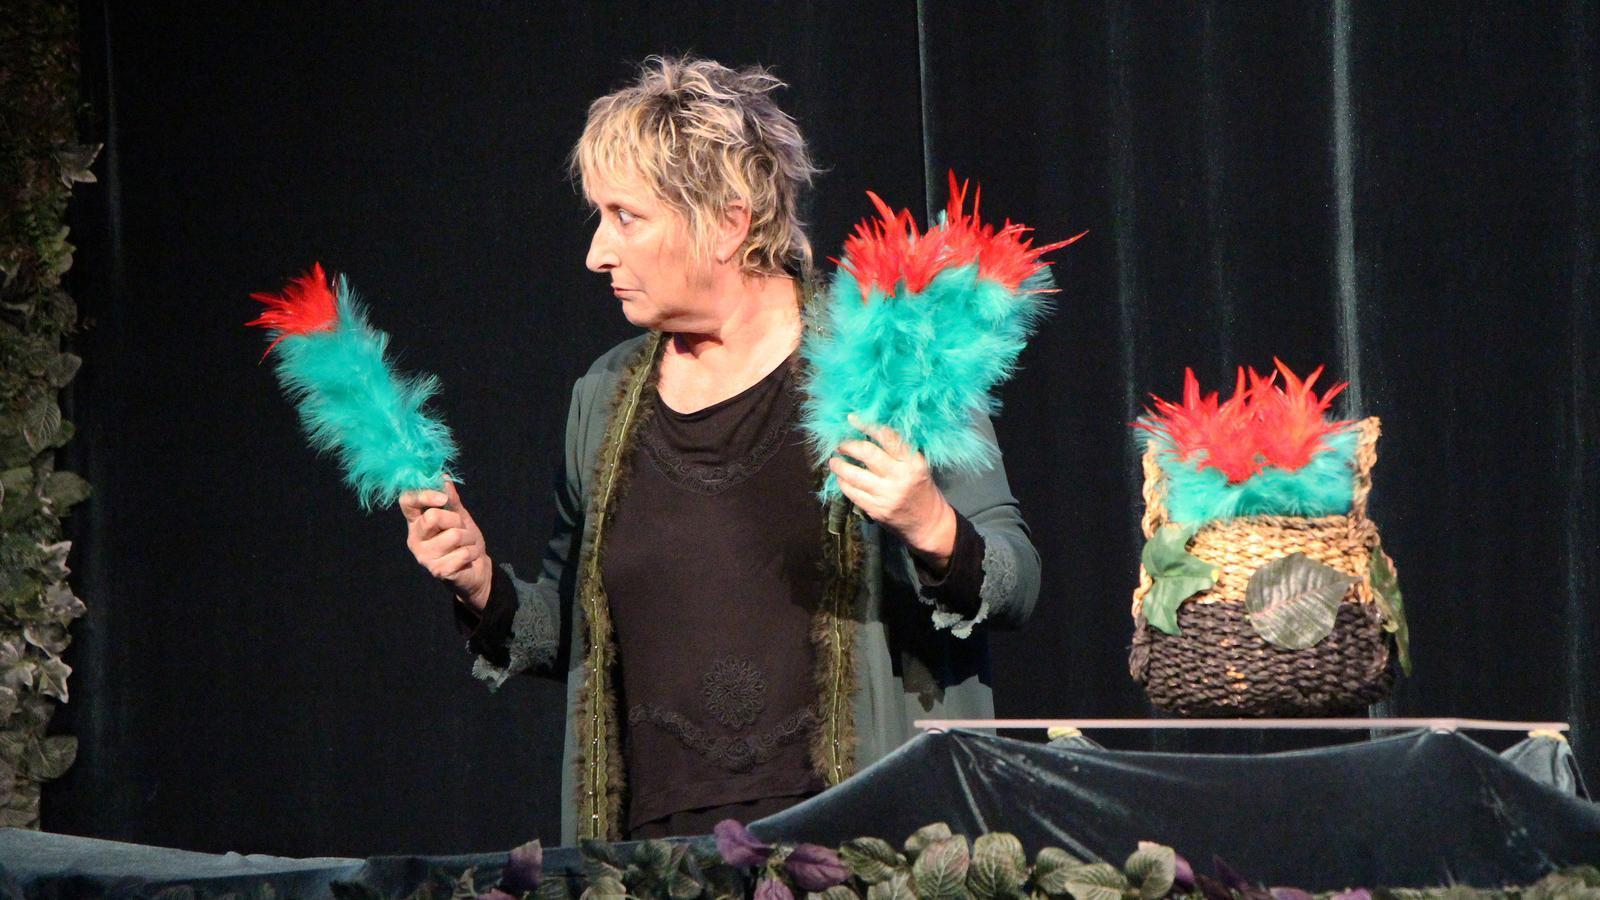 Espectacle 'Tropic' de Teia Moner, aquest diumenge. / C. F. (ANA)